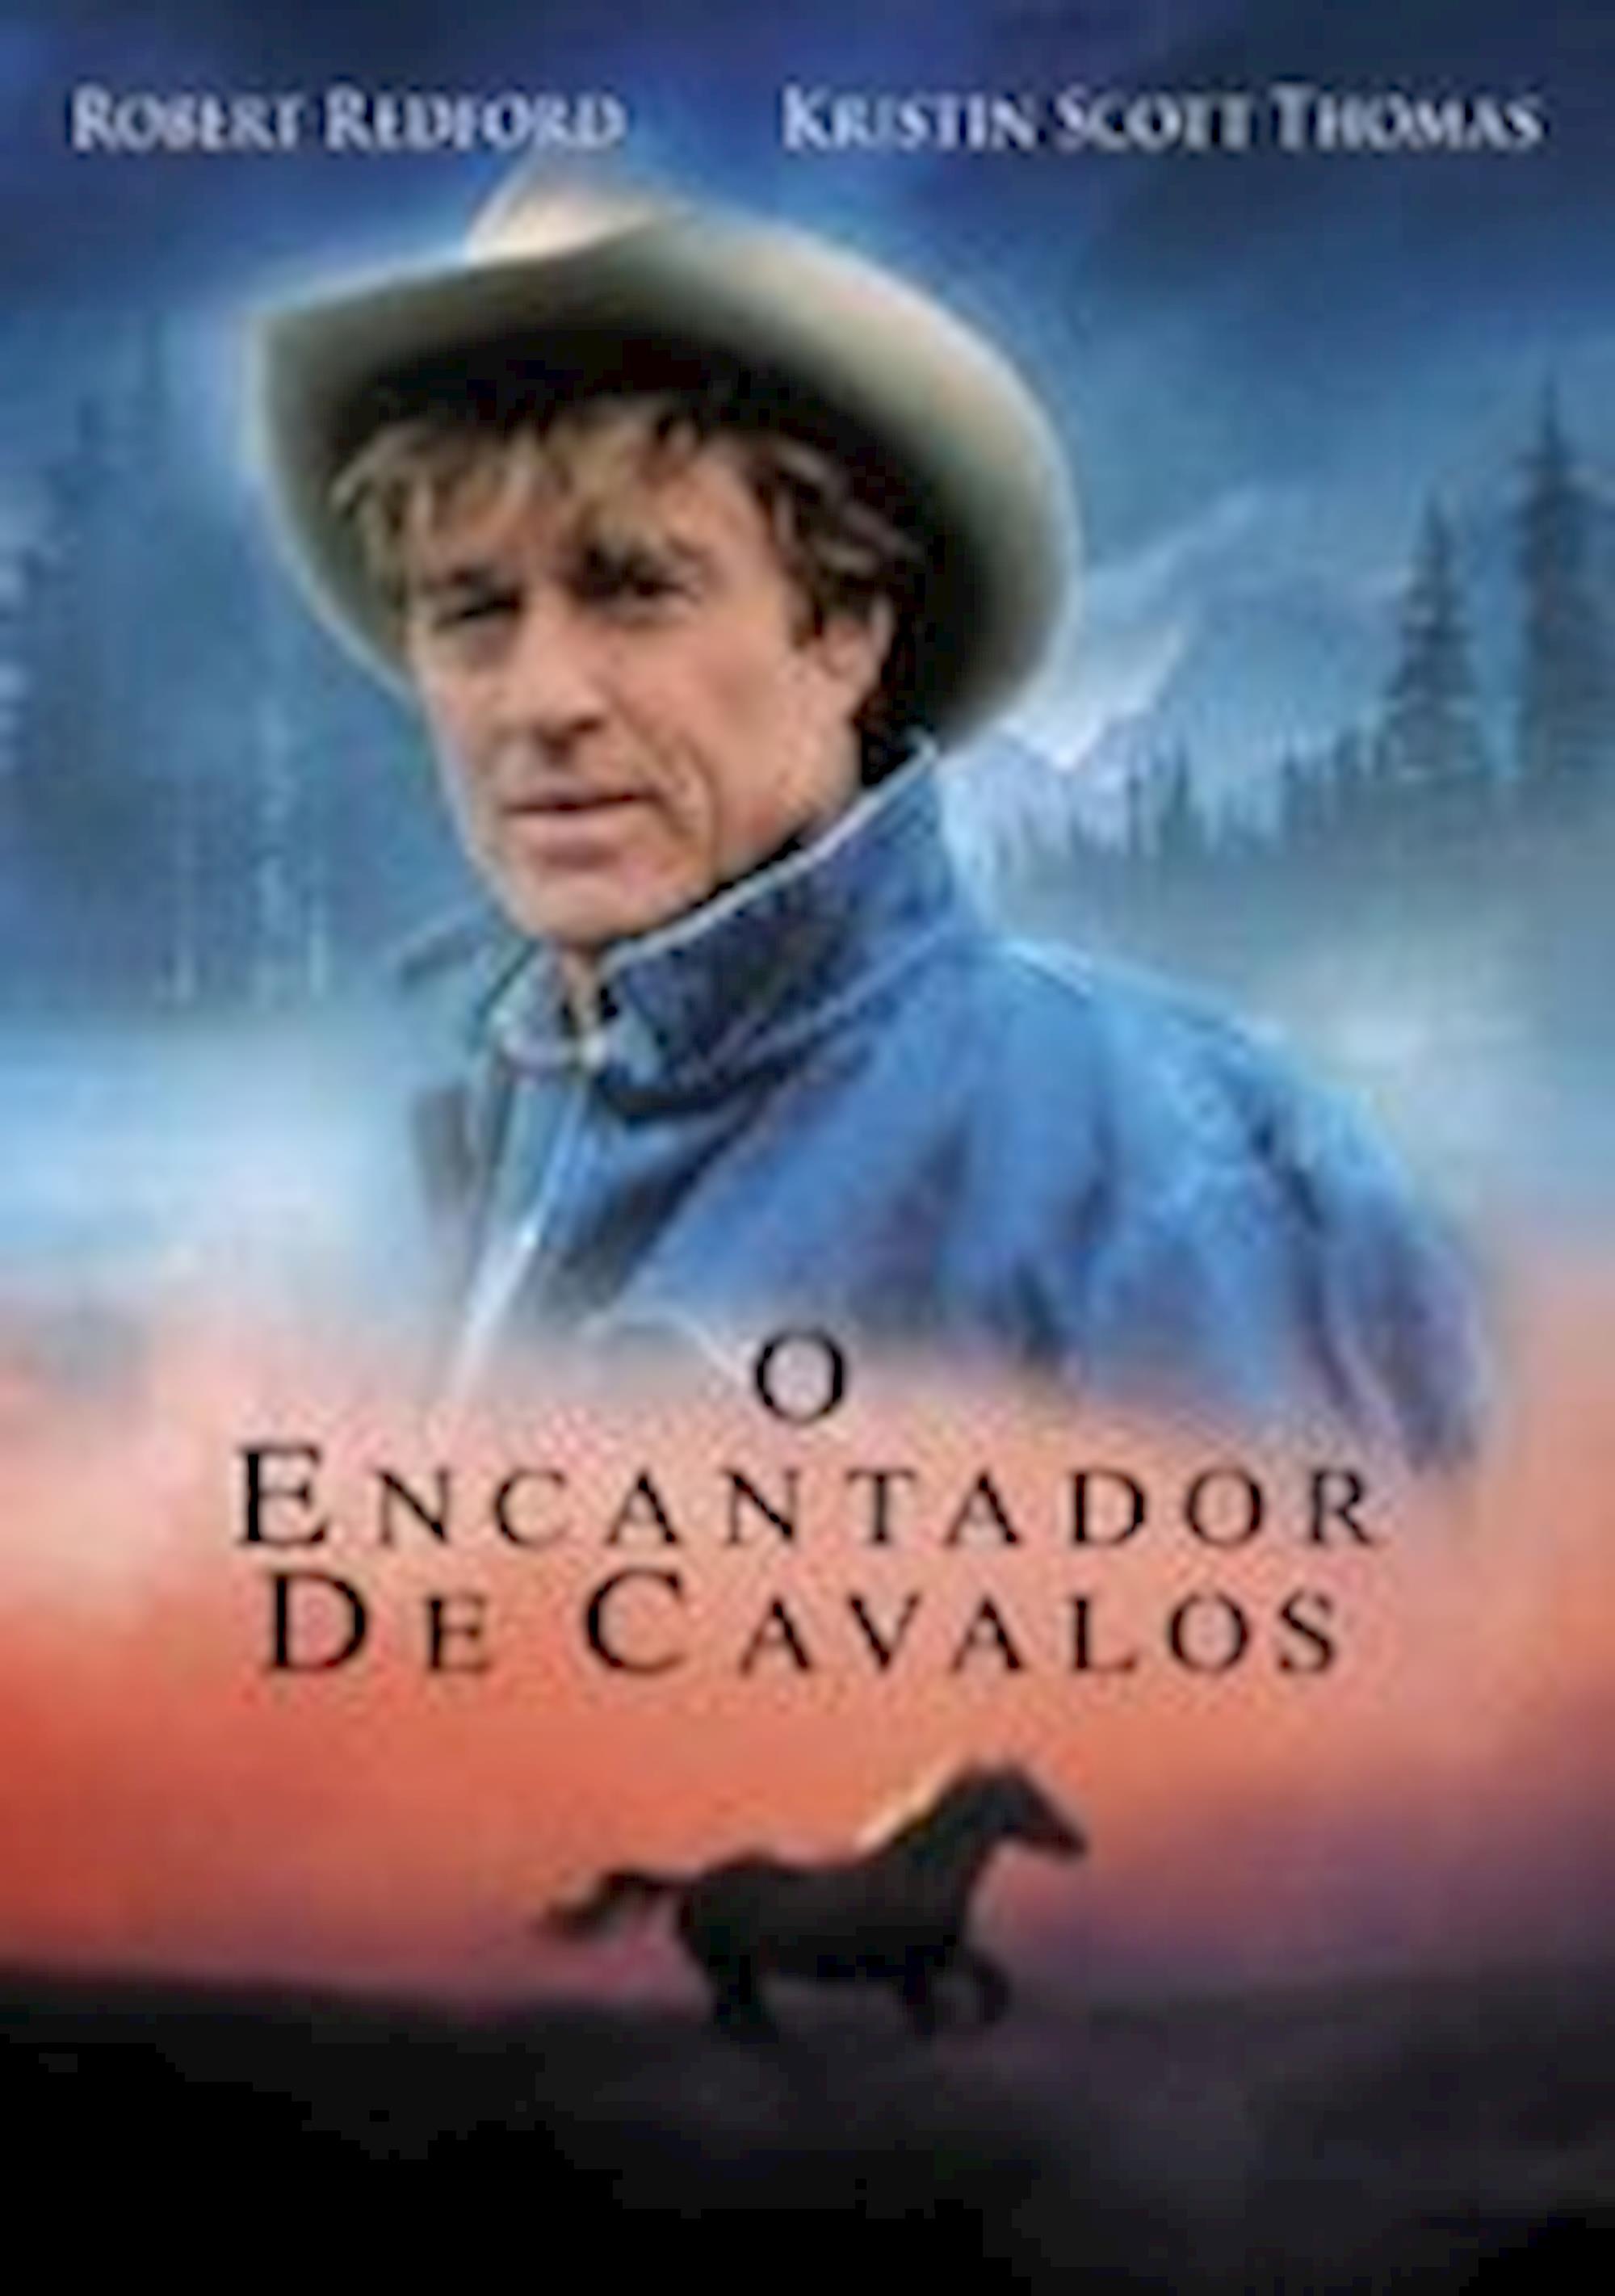 filmes de cavalos, O Encantador de Cavalos, Dicas de filmes,